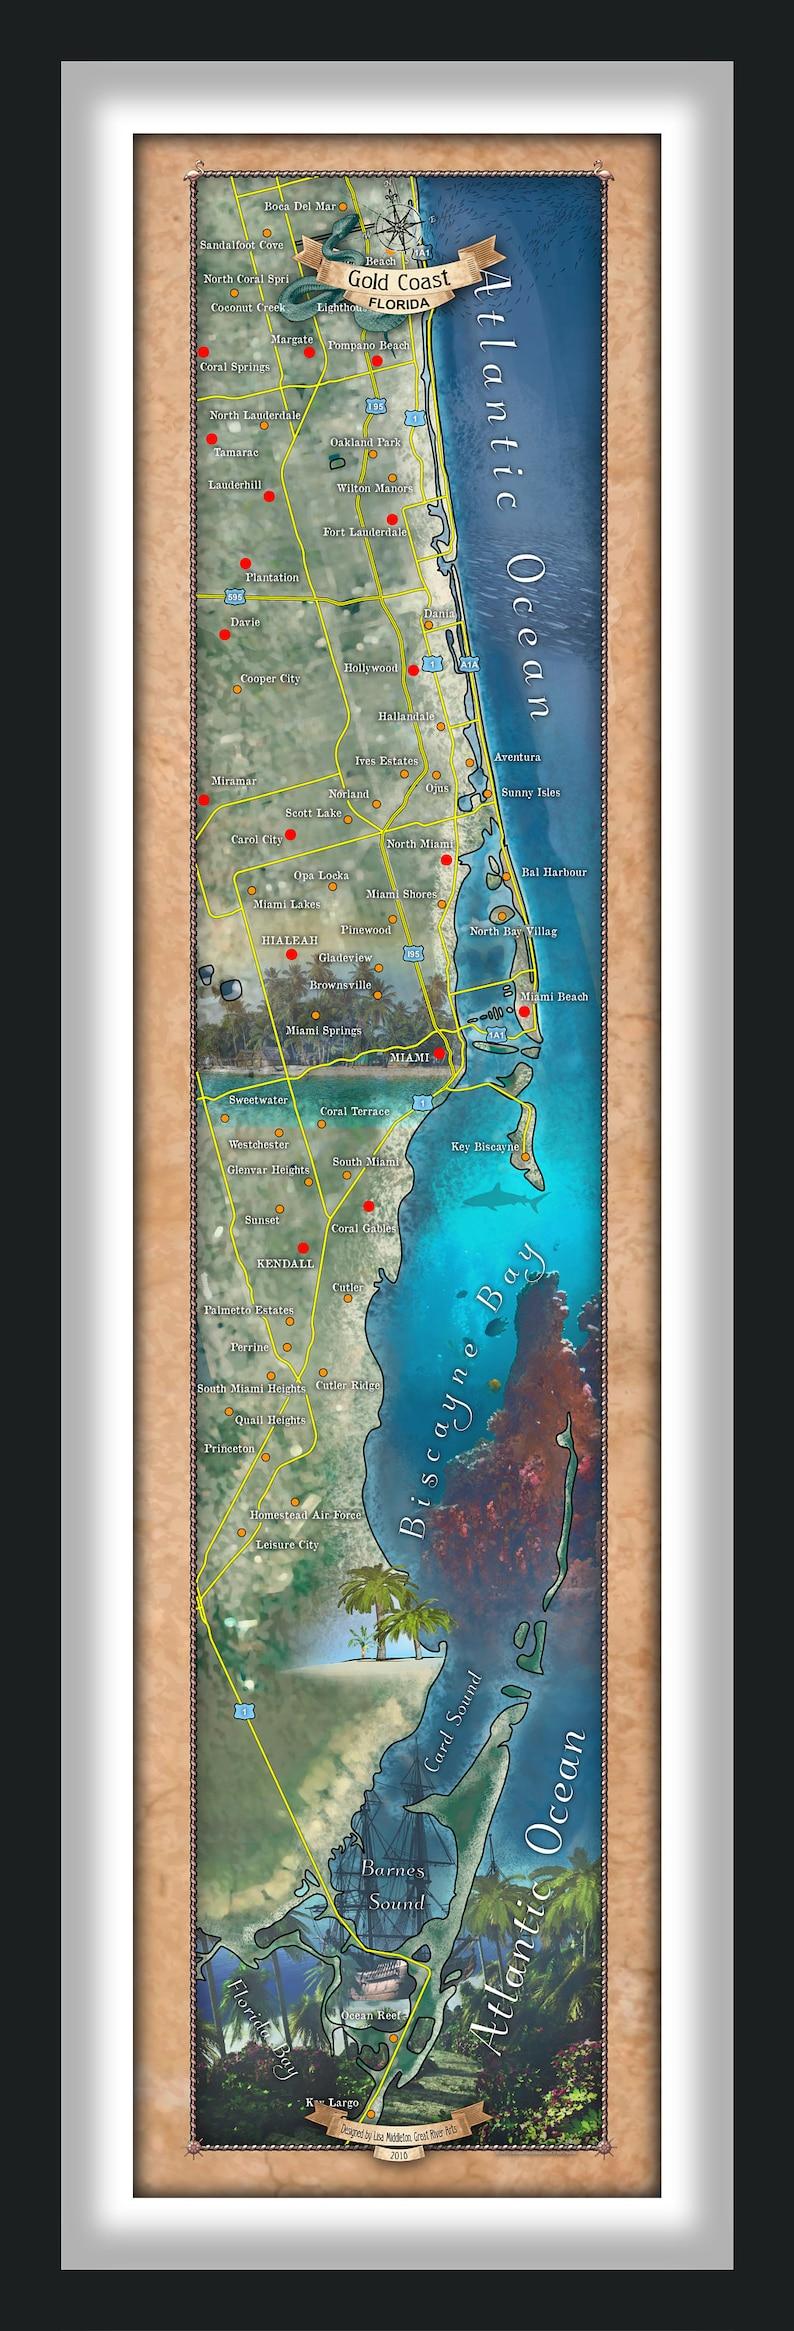 miami, miami map, ft. lauderdale map, gold coast, miami coast map, miami  poster, flordia map, map art, coastal art, beach art, beach house